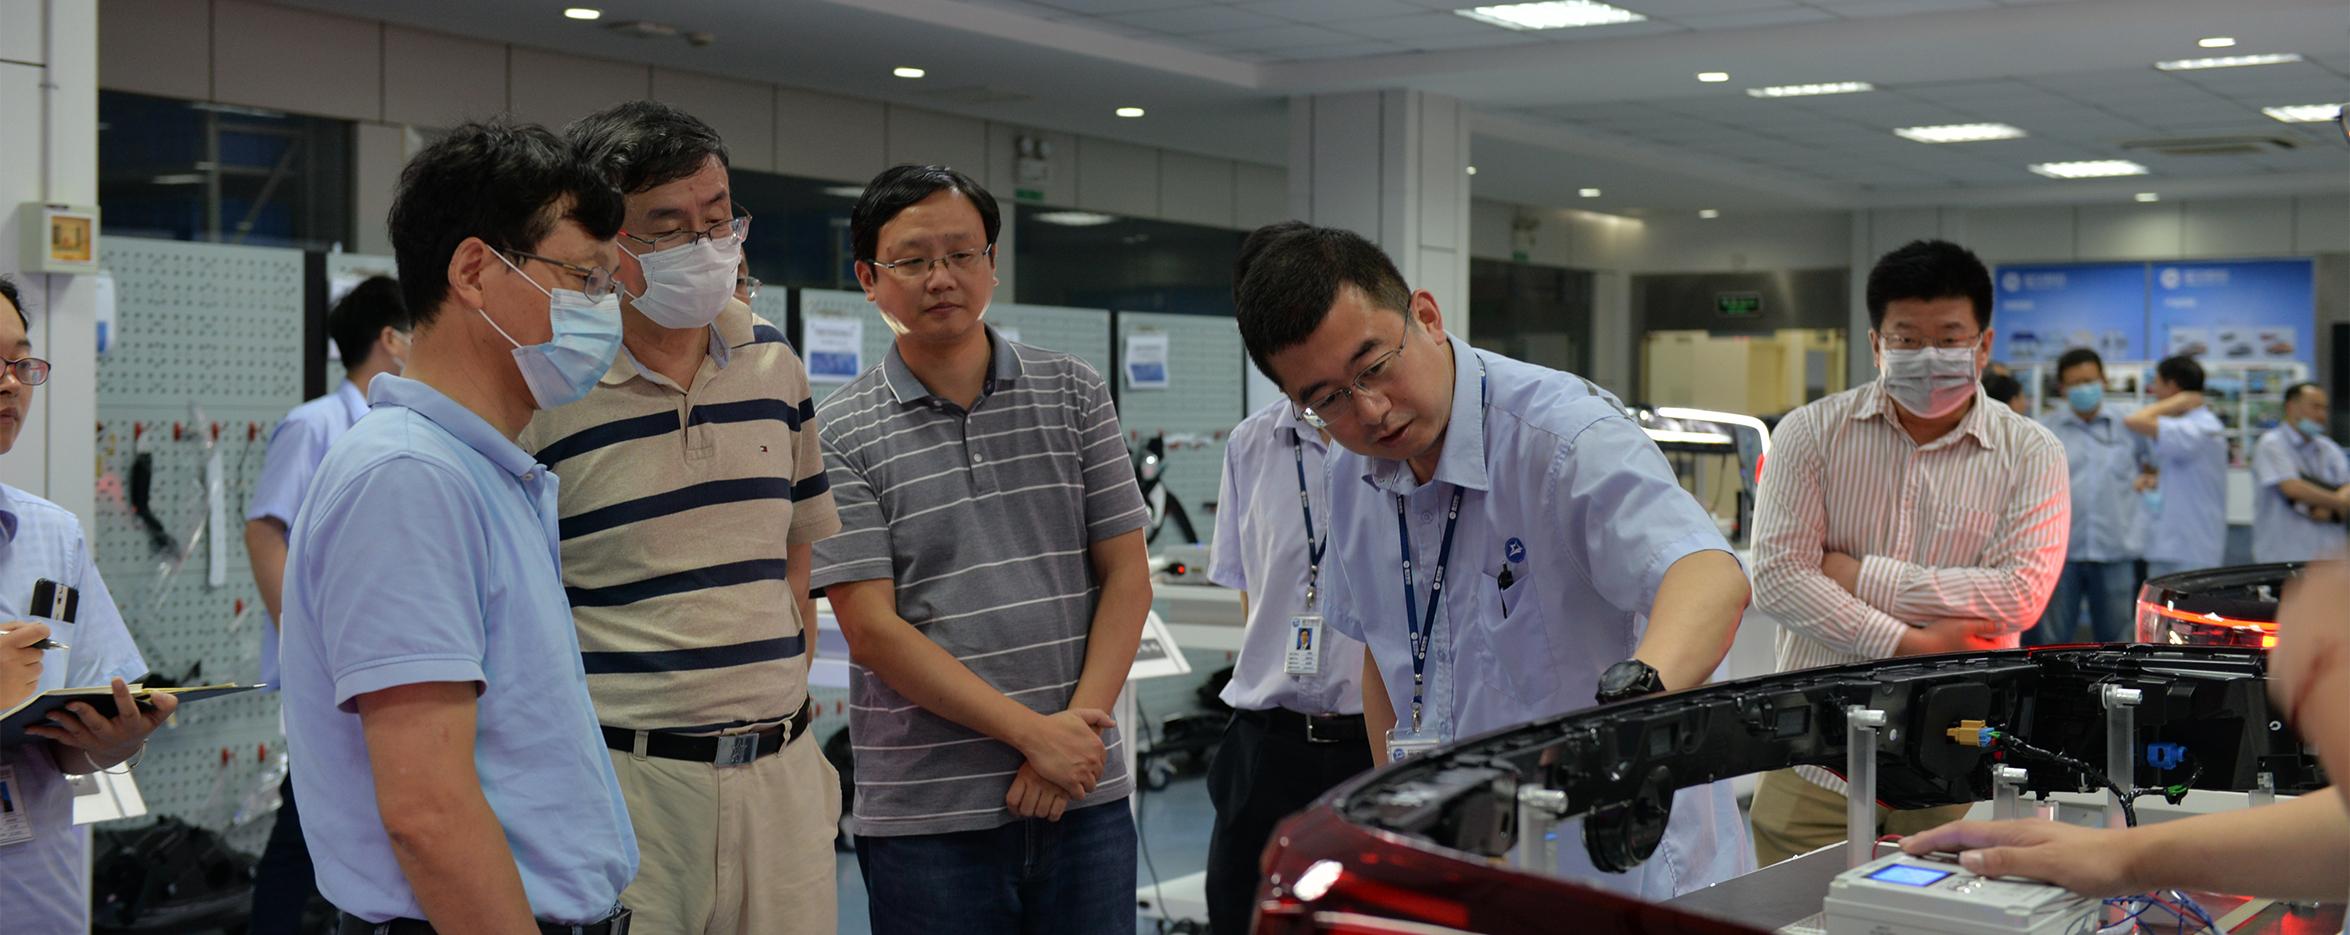 江苏省汽车智能照明系统重点实验室第二次学术委员会成功召开